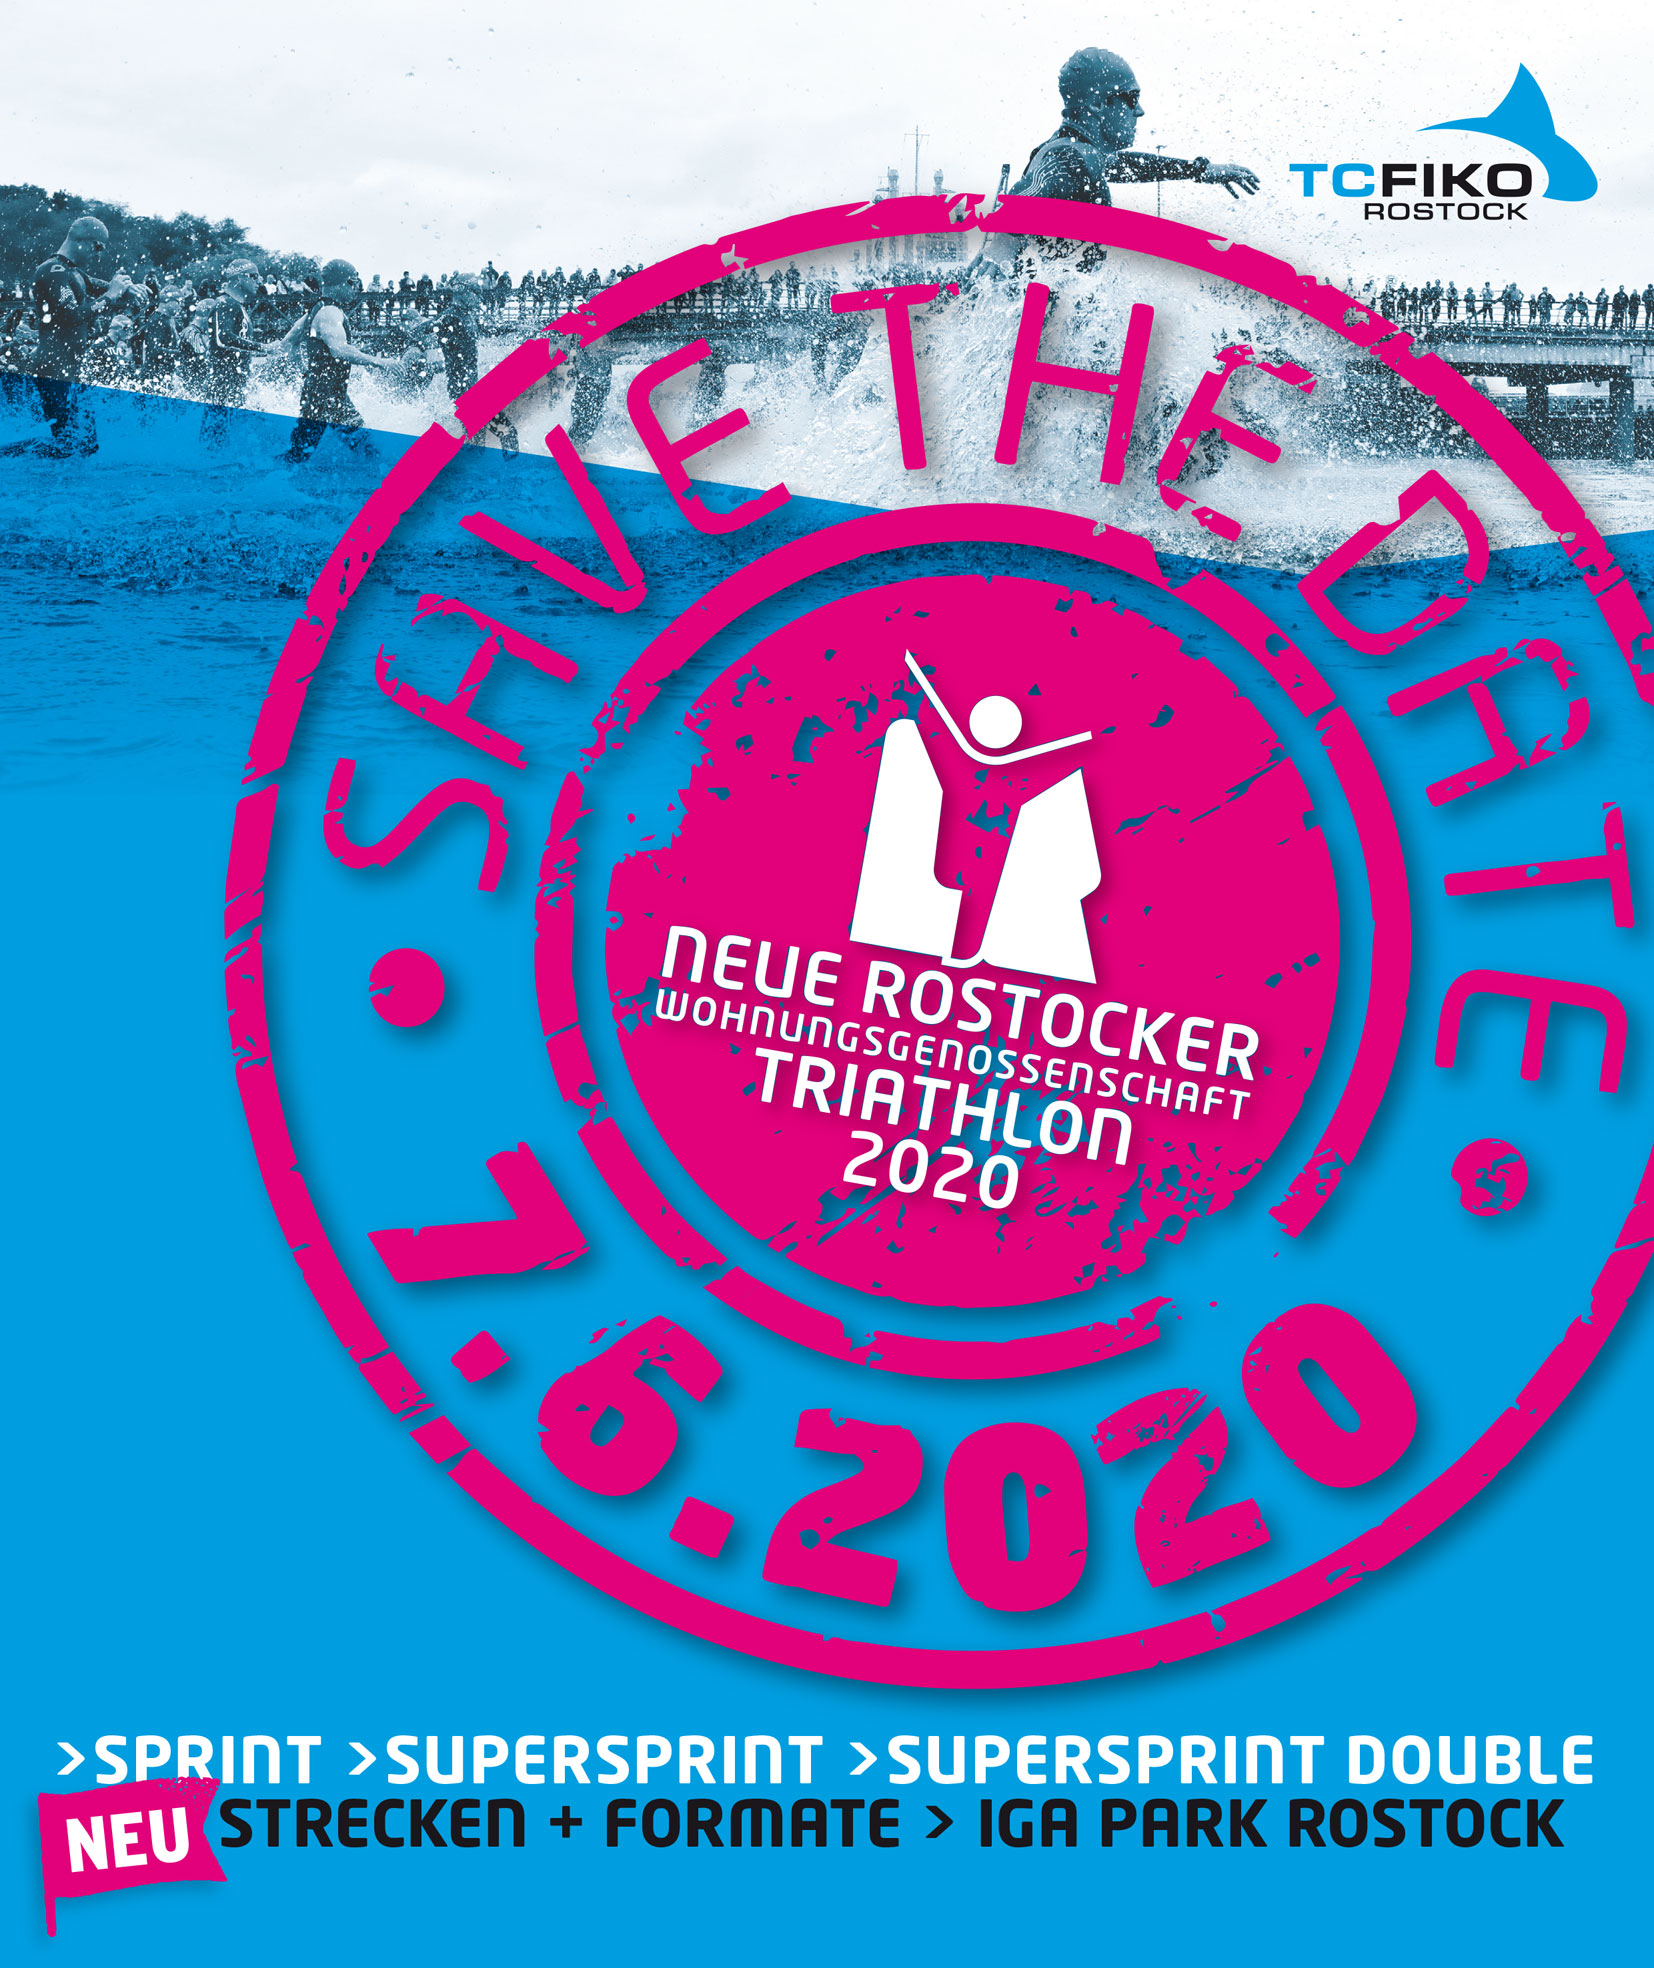 Die Anmeldung ist offen! Neue Rostocker Wohnungsgenossenschaft Triathlon 2020